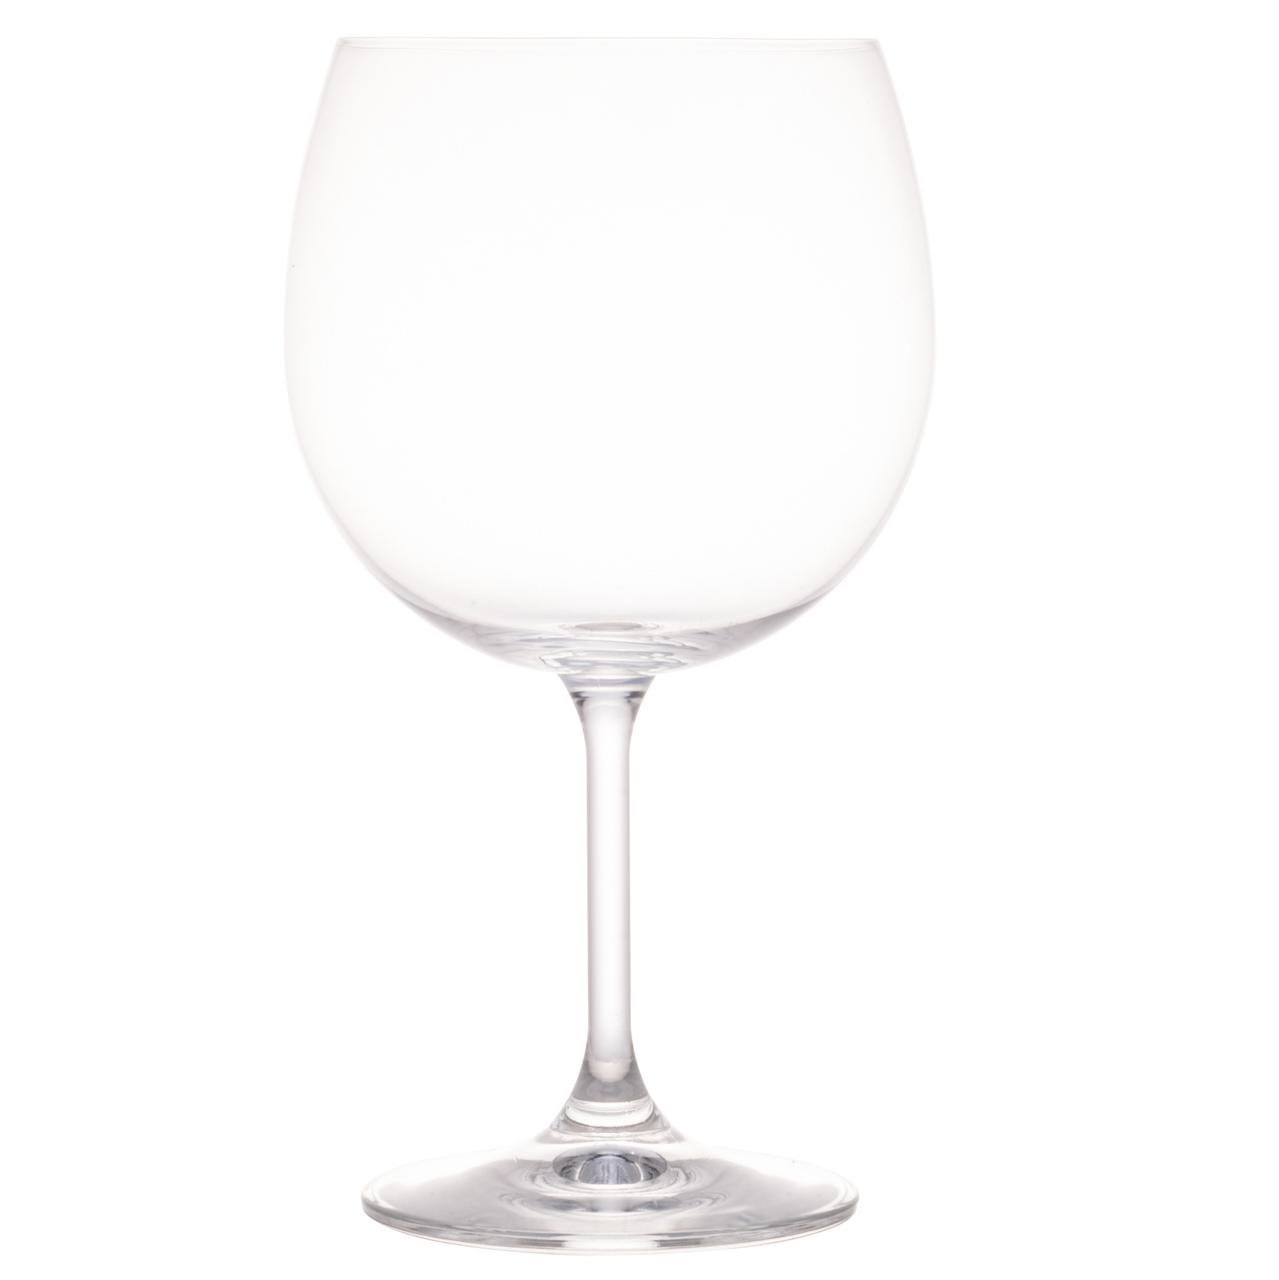 Jogo 8 Taças para Degustação Gin de Cristal Ecológico 600 ml  - Lemis